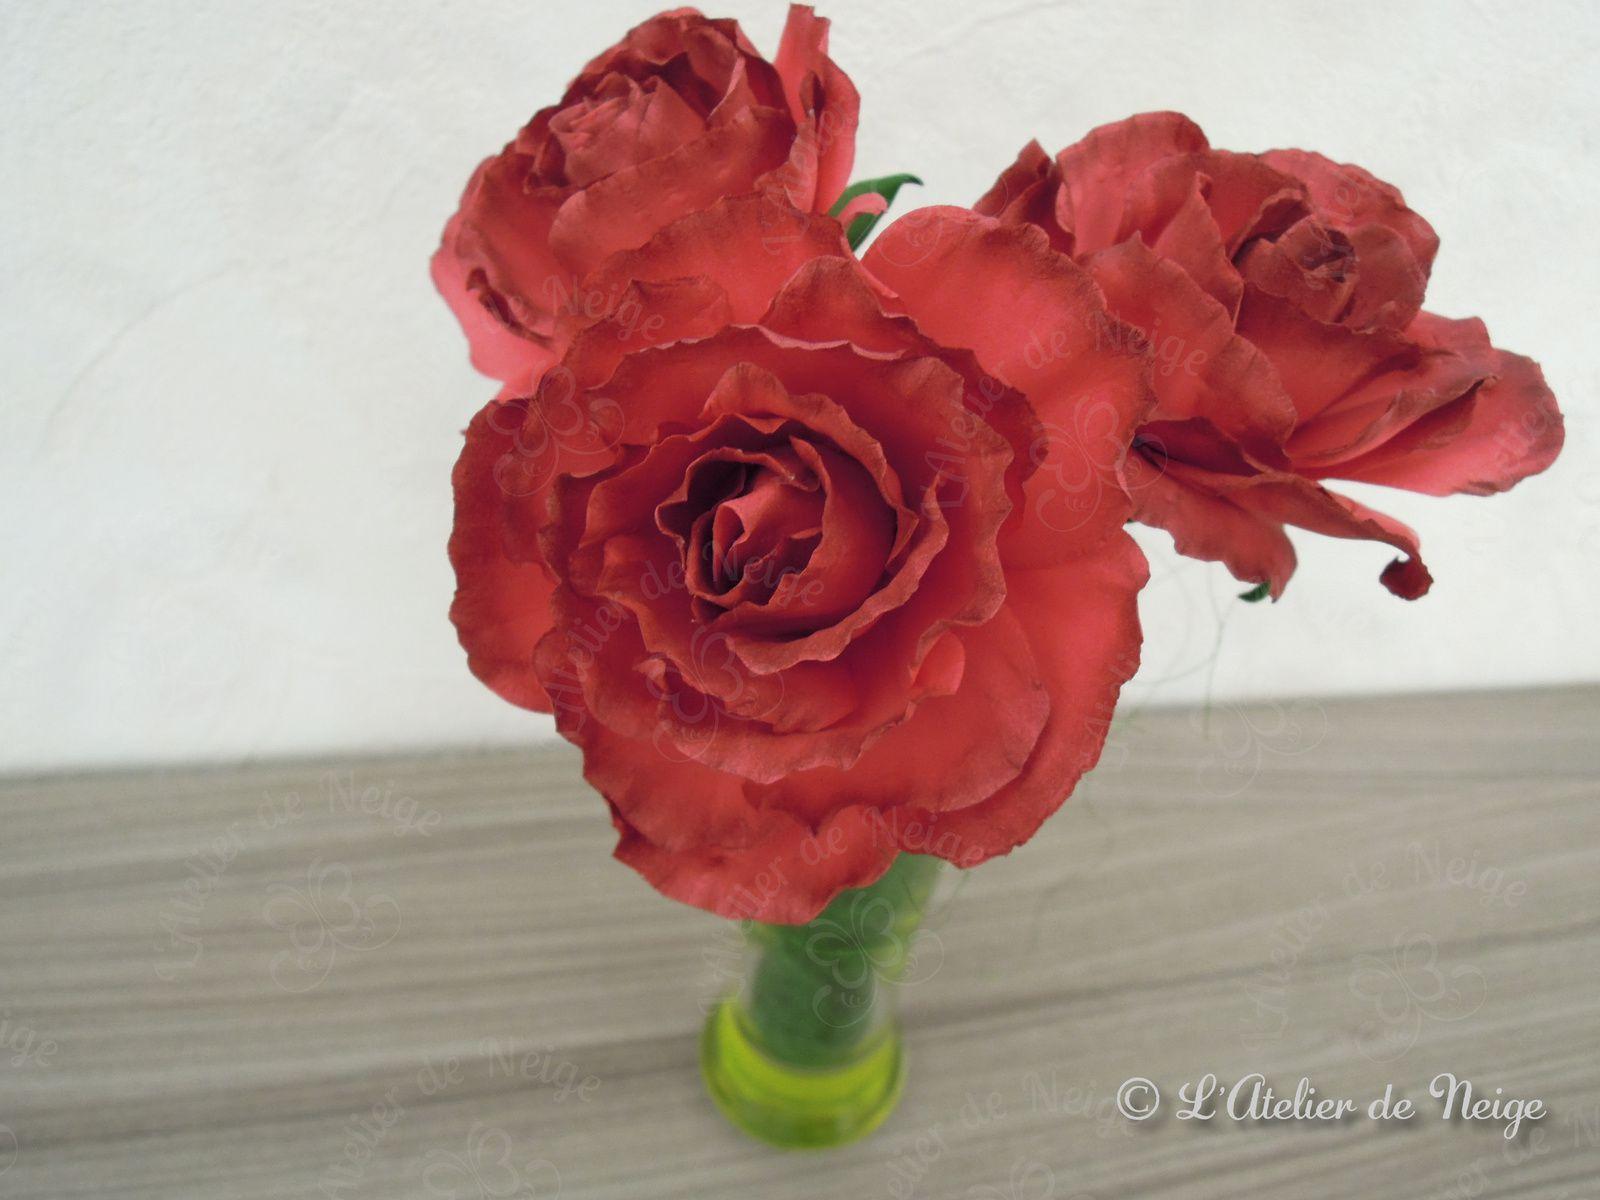 048 - Bouquet de Roses Rouges Anniversaire Patrick décembre 2020